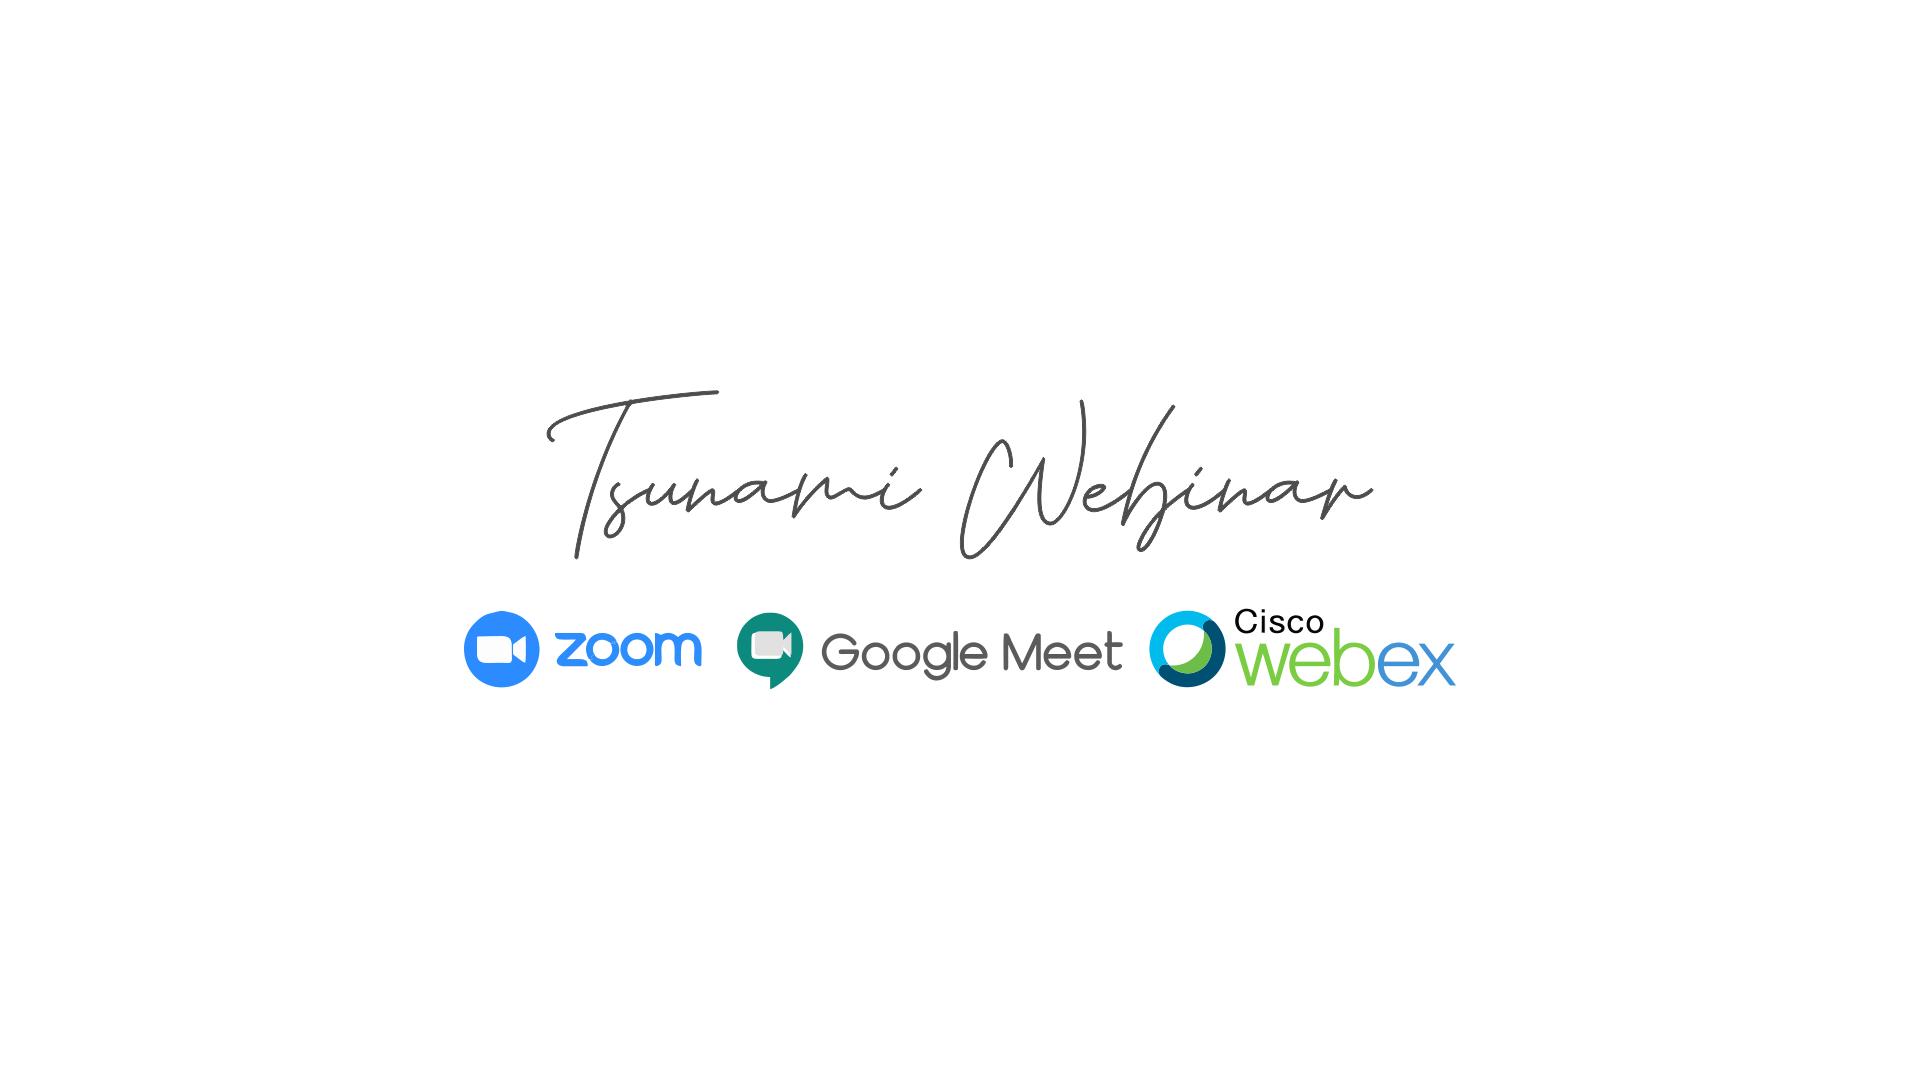 Tsunami Webinar, Video Conference Provider